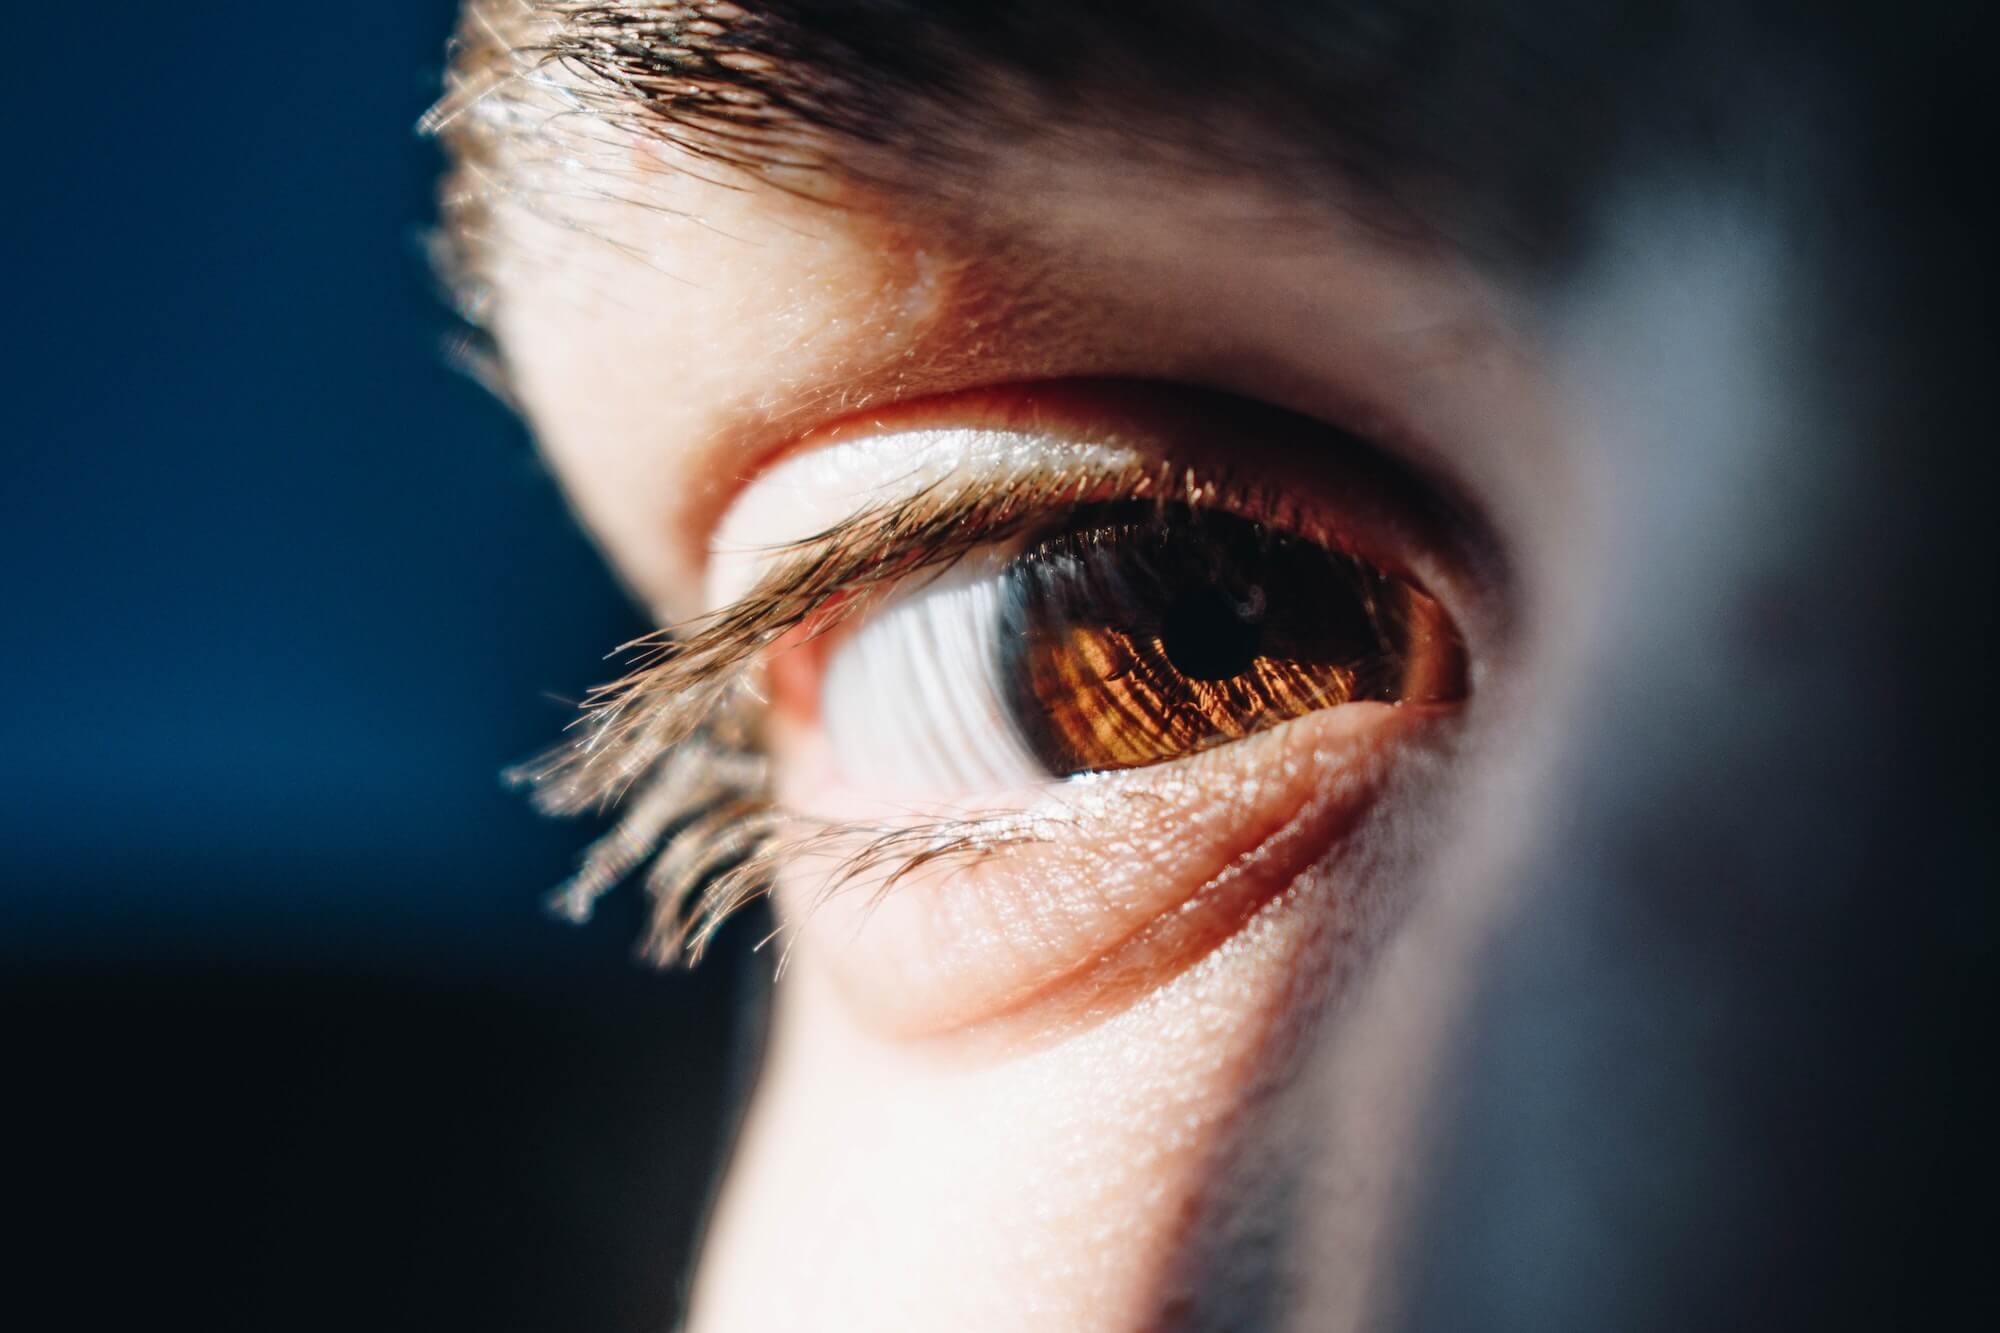 kontakt wzrokowy brązowe oko